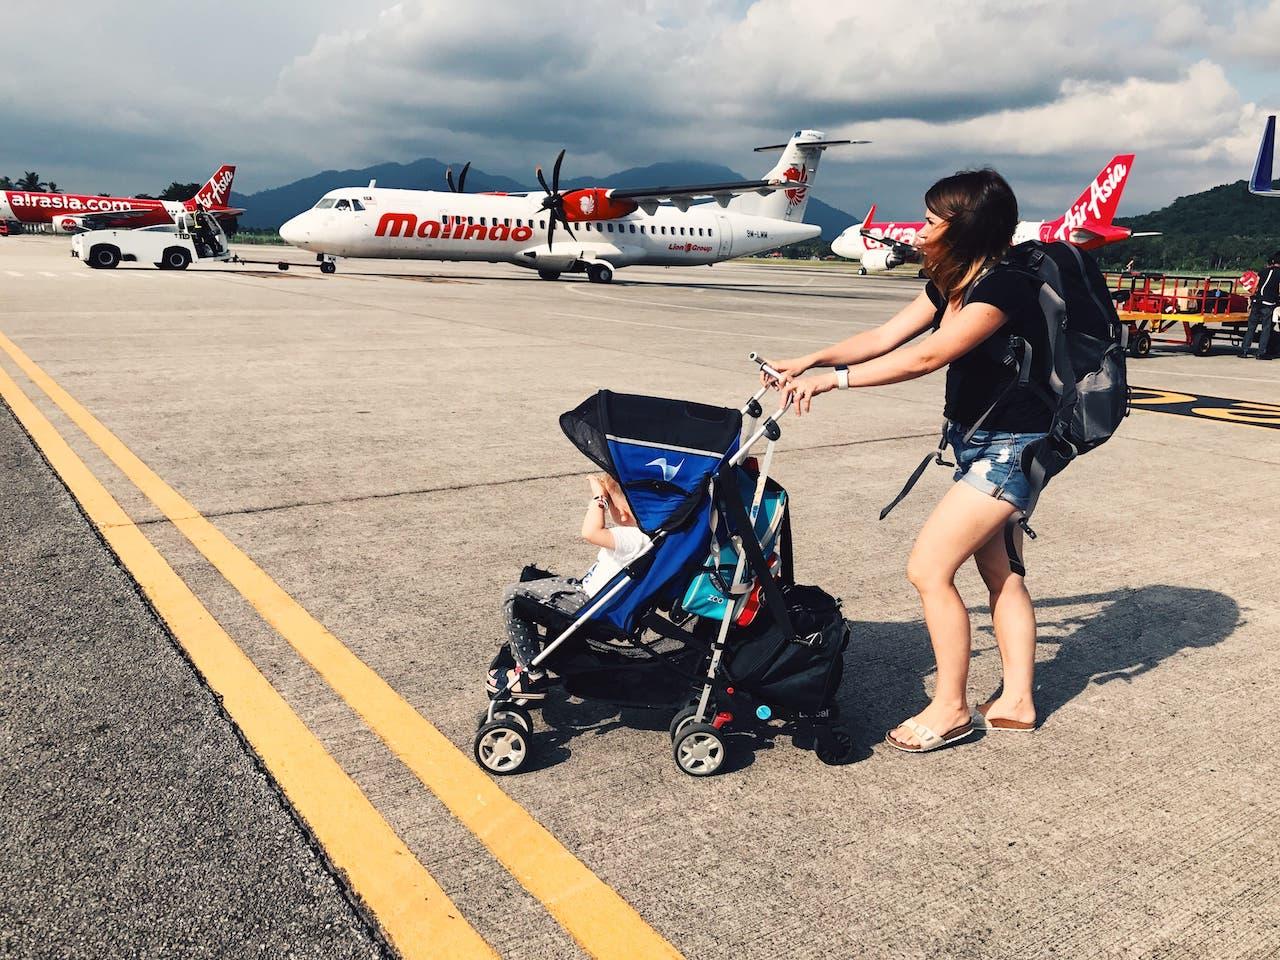 Gadżety ułatwiające podróżowanie